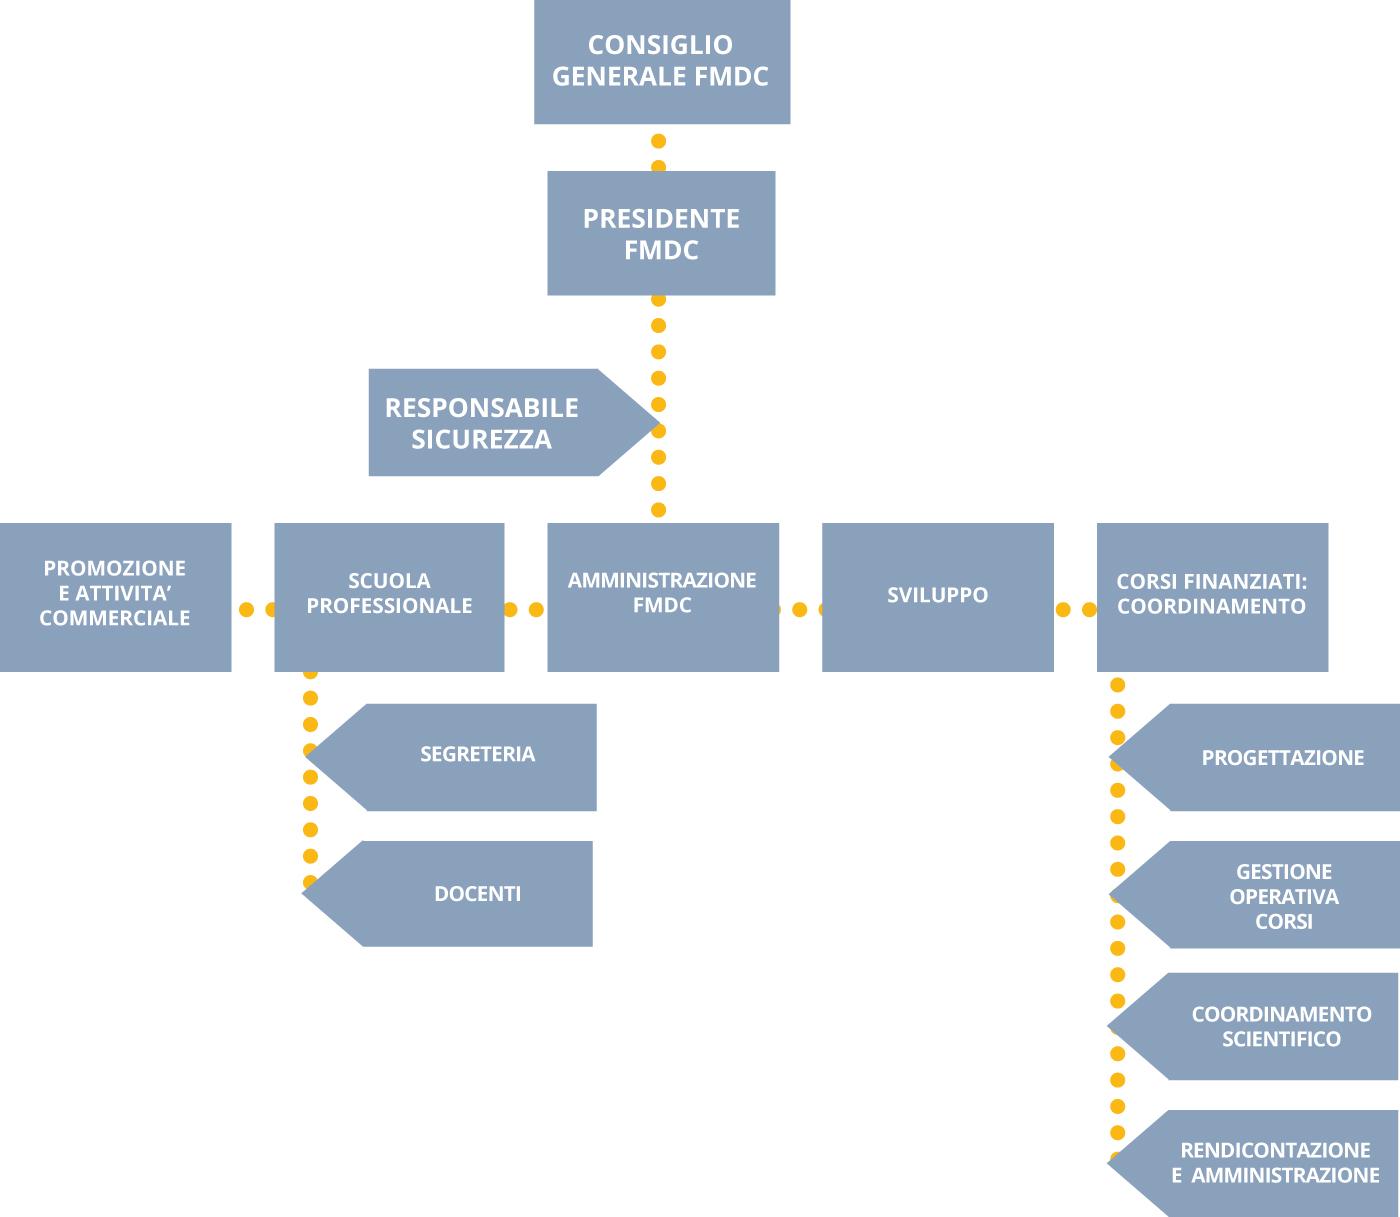 FMDC_Organigramma